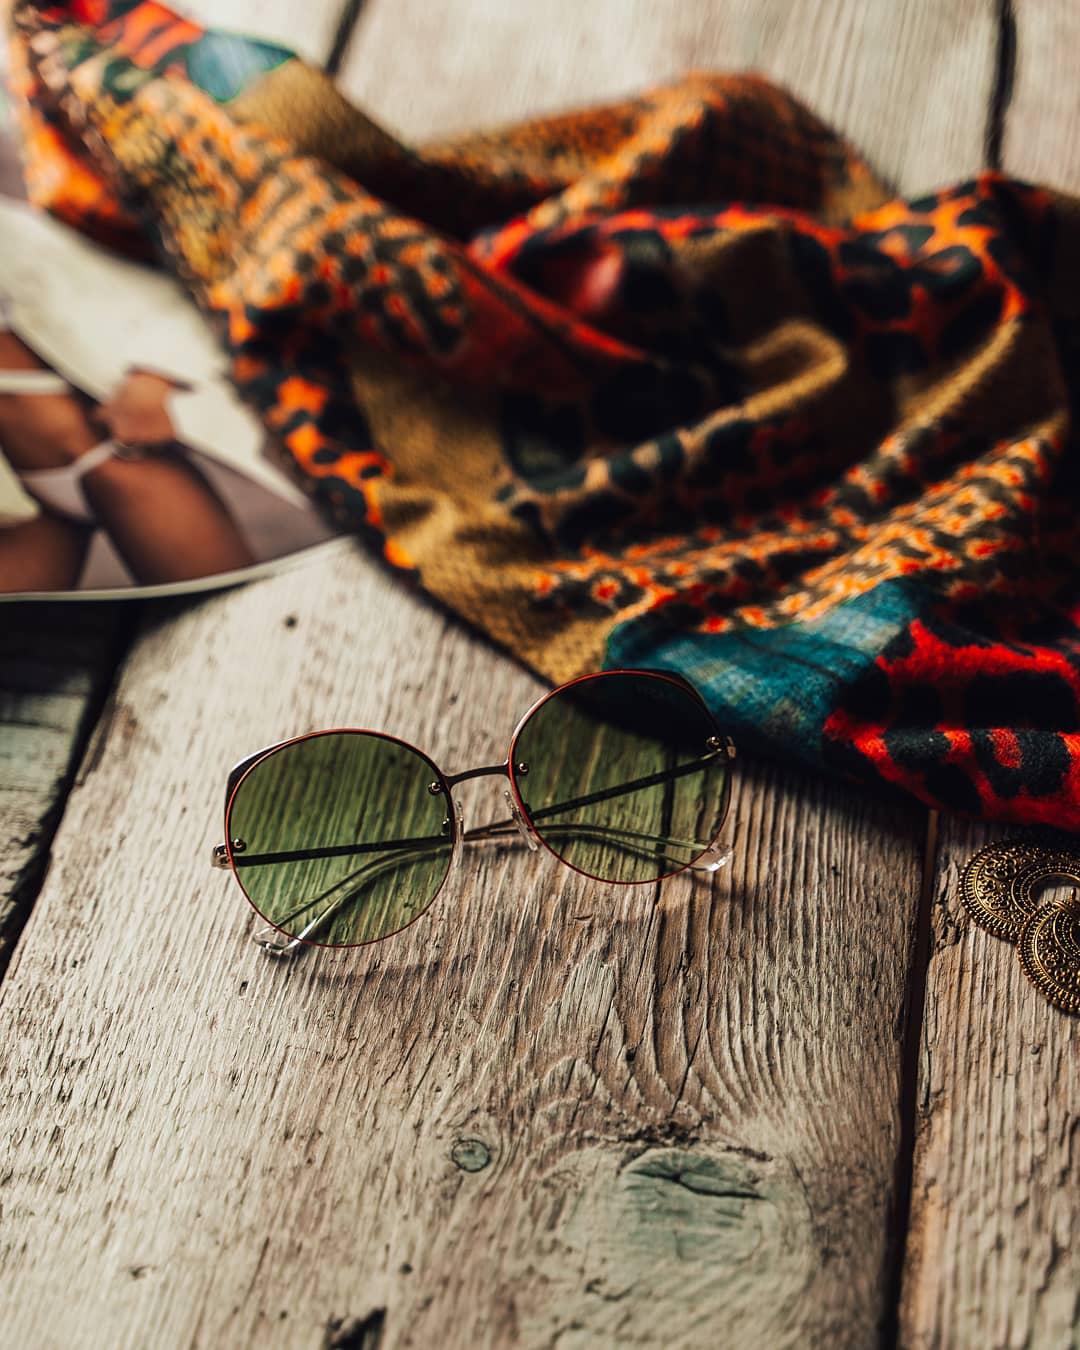 Zvýrazněte svůj jedinečný look těmito barevnými slunečními brýlemi #Vogue  Dny jsou každým dnem delší, slunce pomalu nabírá na síle, nezapomínejte chránit své oči  . . . . . #vogueeyewear #sunglasses #sunglasseslover #eyeweartrends #eyewearstyle #dnesnosim #slunecnibryle #vasecocky #glassesfashion #glassesstyle #instaglasses #eyewearlover #fashioninspiration #fashioneyewear #sunnies